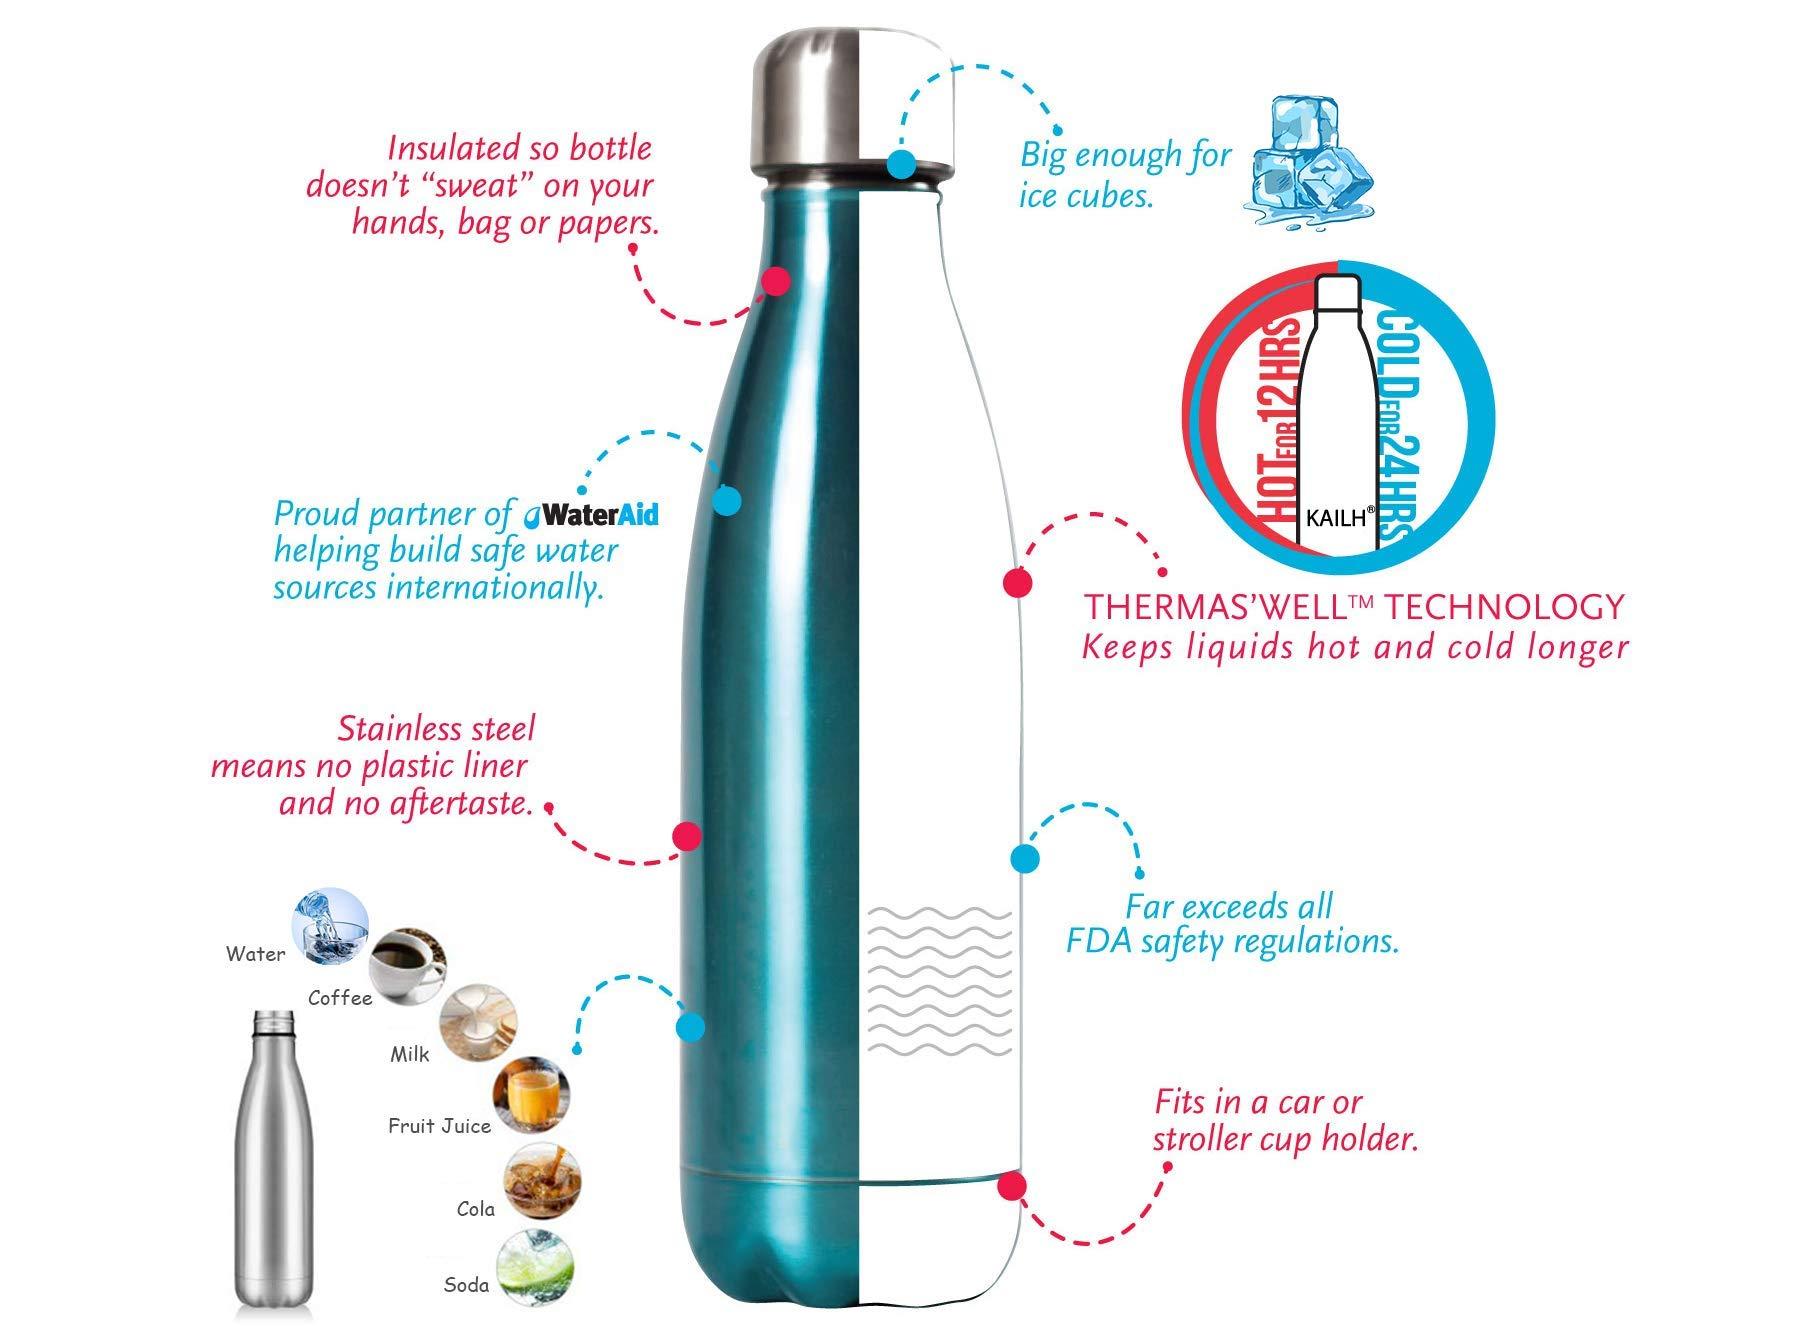 Scuola Resistente ai Graffi Ufficio BPS Yoga Facile da Pulire Ftalati Palestra KAILH Borraccia Termica Inox Bottiglia Termica per Bambini Sport Privo di BPA